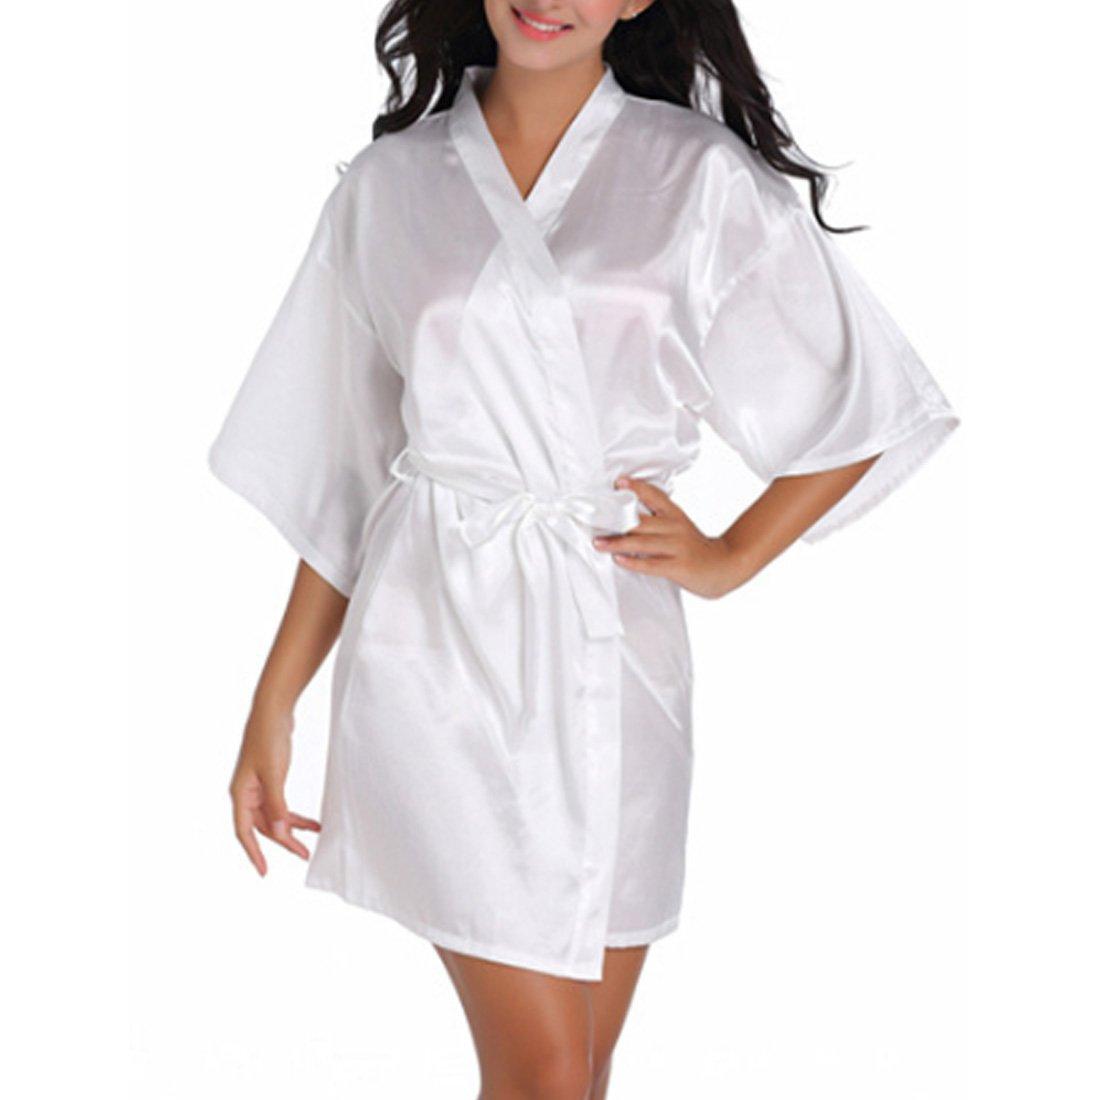 Inlefen Traje de baño de Dama de Honor de la Boda Kimono Robe Night Robe Bath Robe Vestido de Moda para Las Mujeres: Amazon.es: Ropa y accesorios